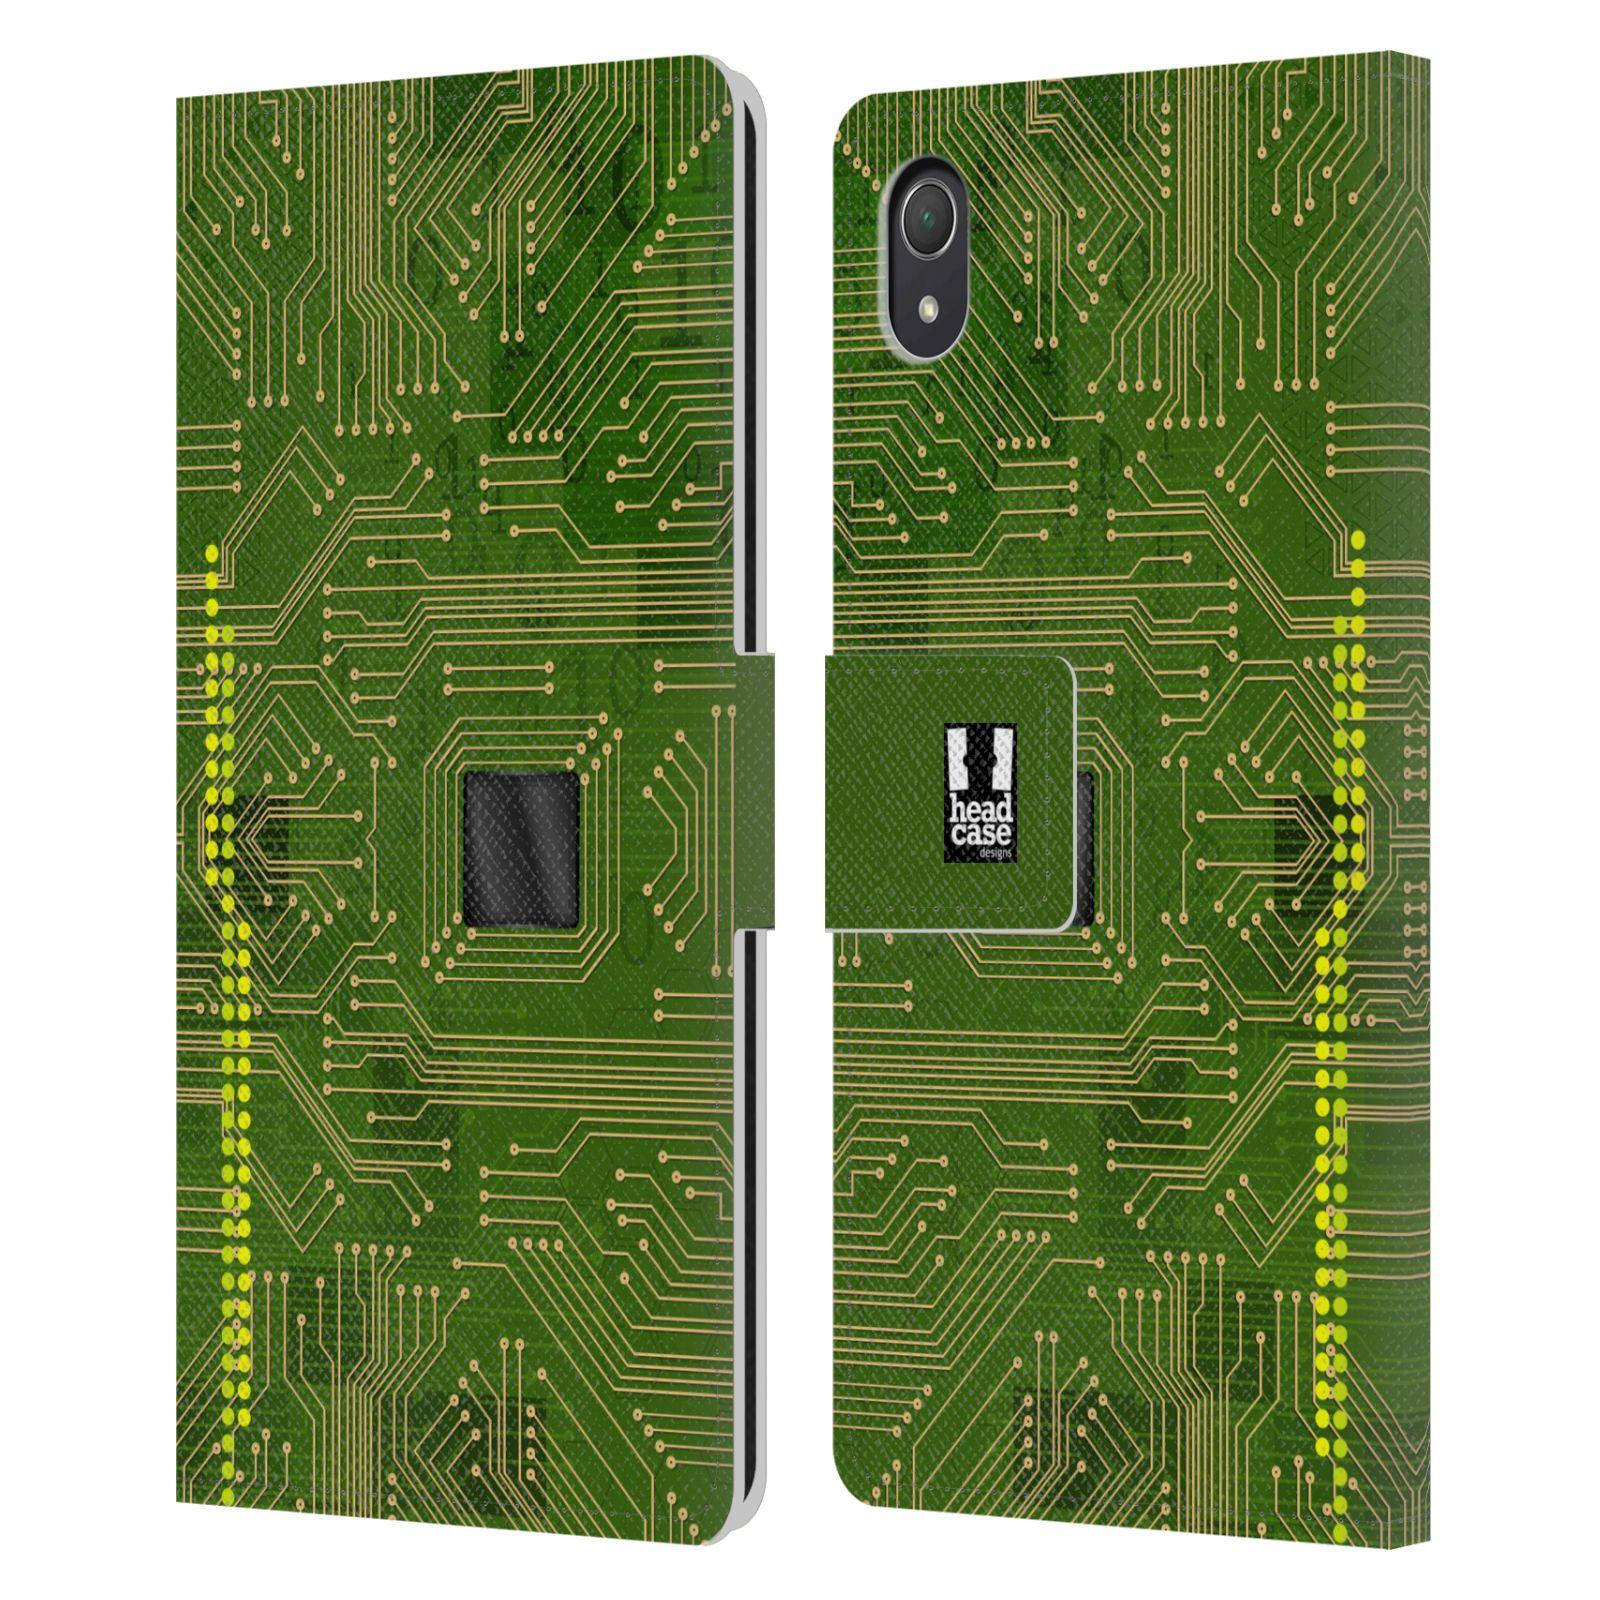 HEAD CASE Flipové pouzdro pro mobil SONY XPERIA Z2 počítač základní deska zelená barva